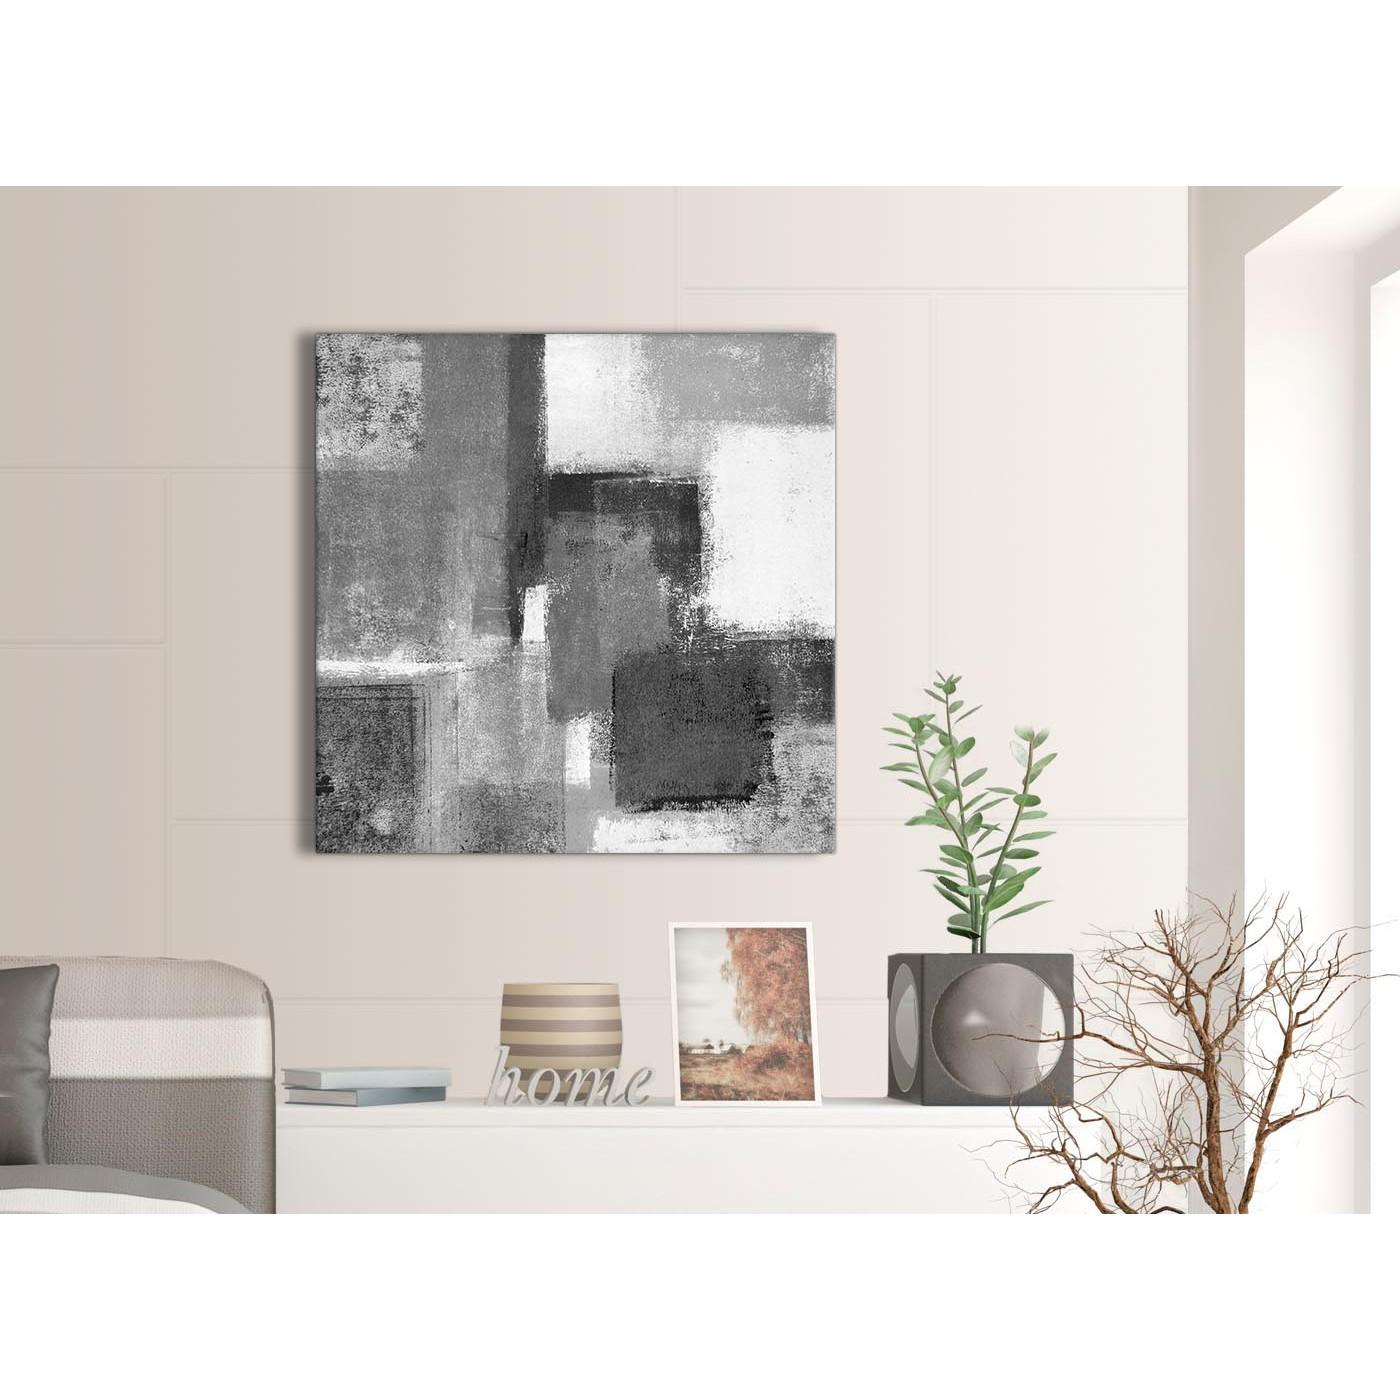 Best Room Decorations On Amazon